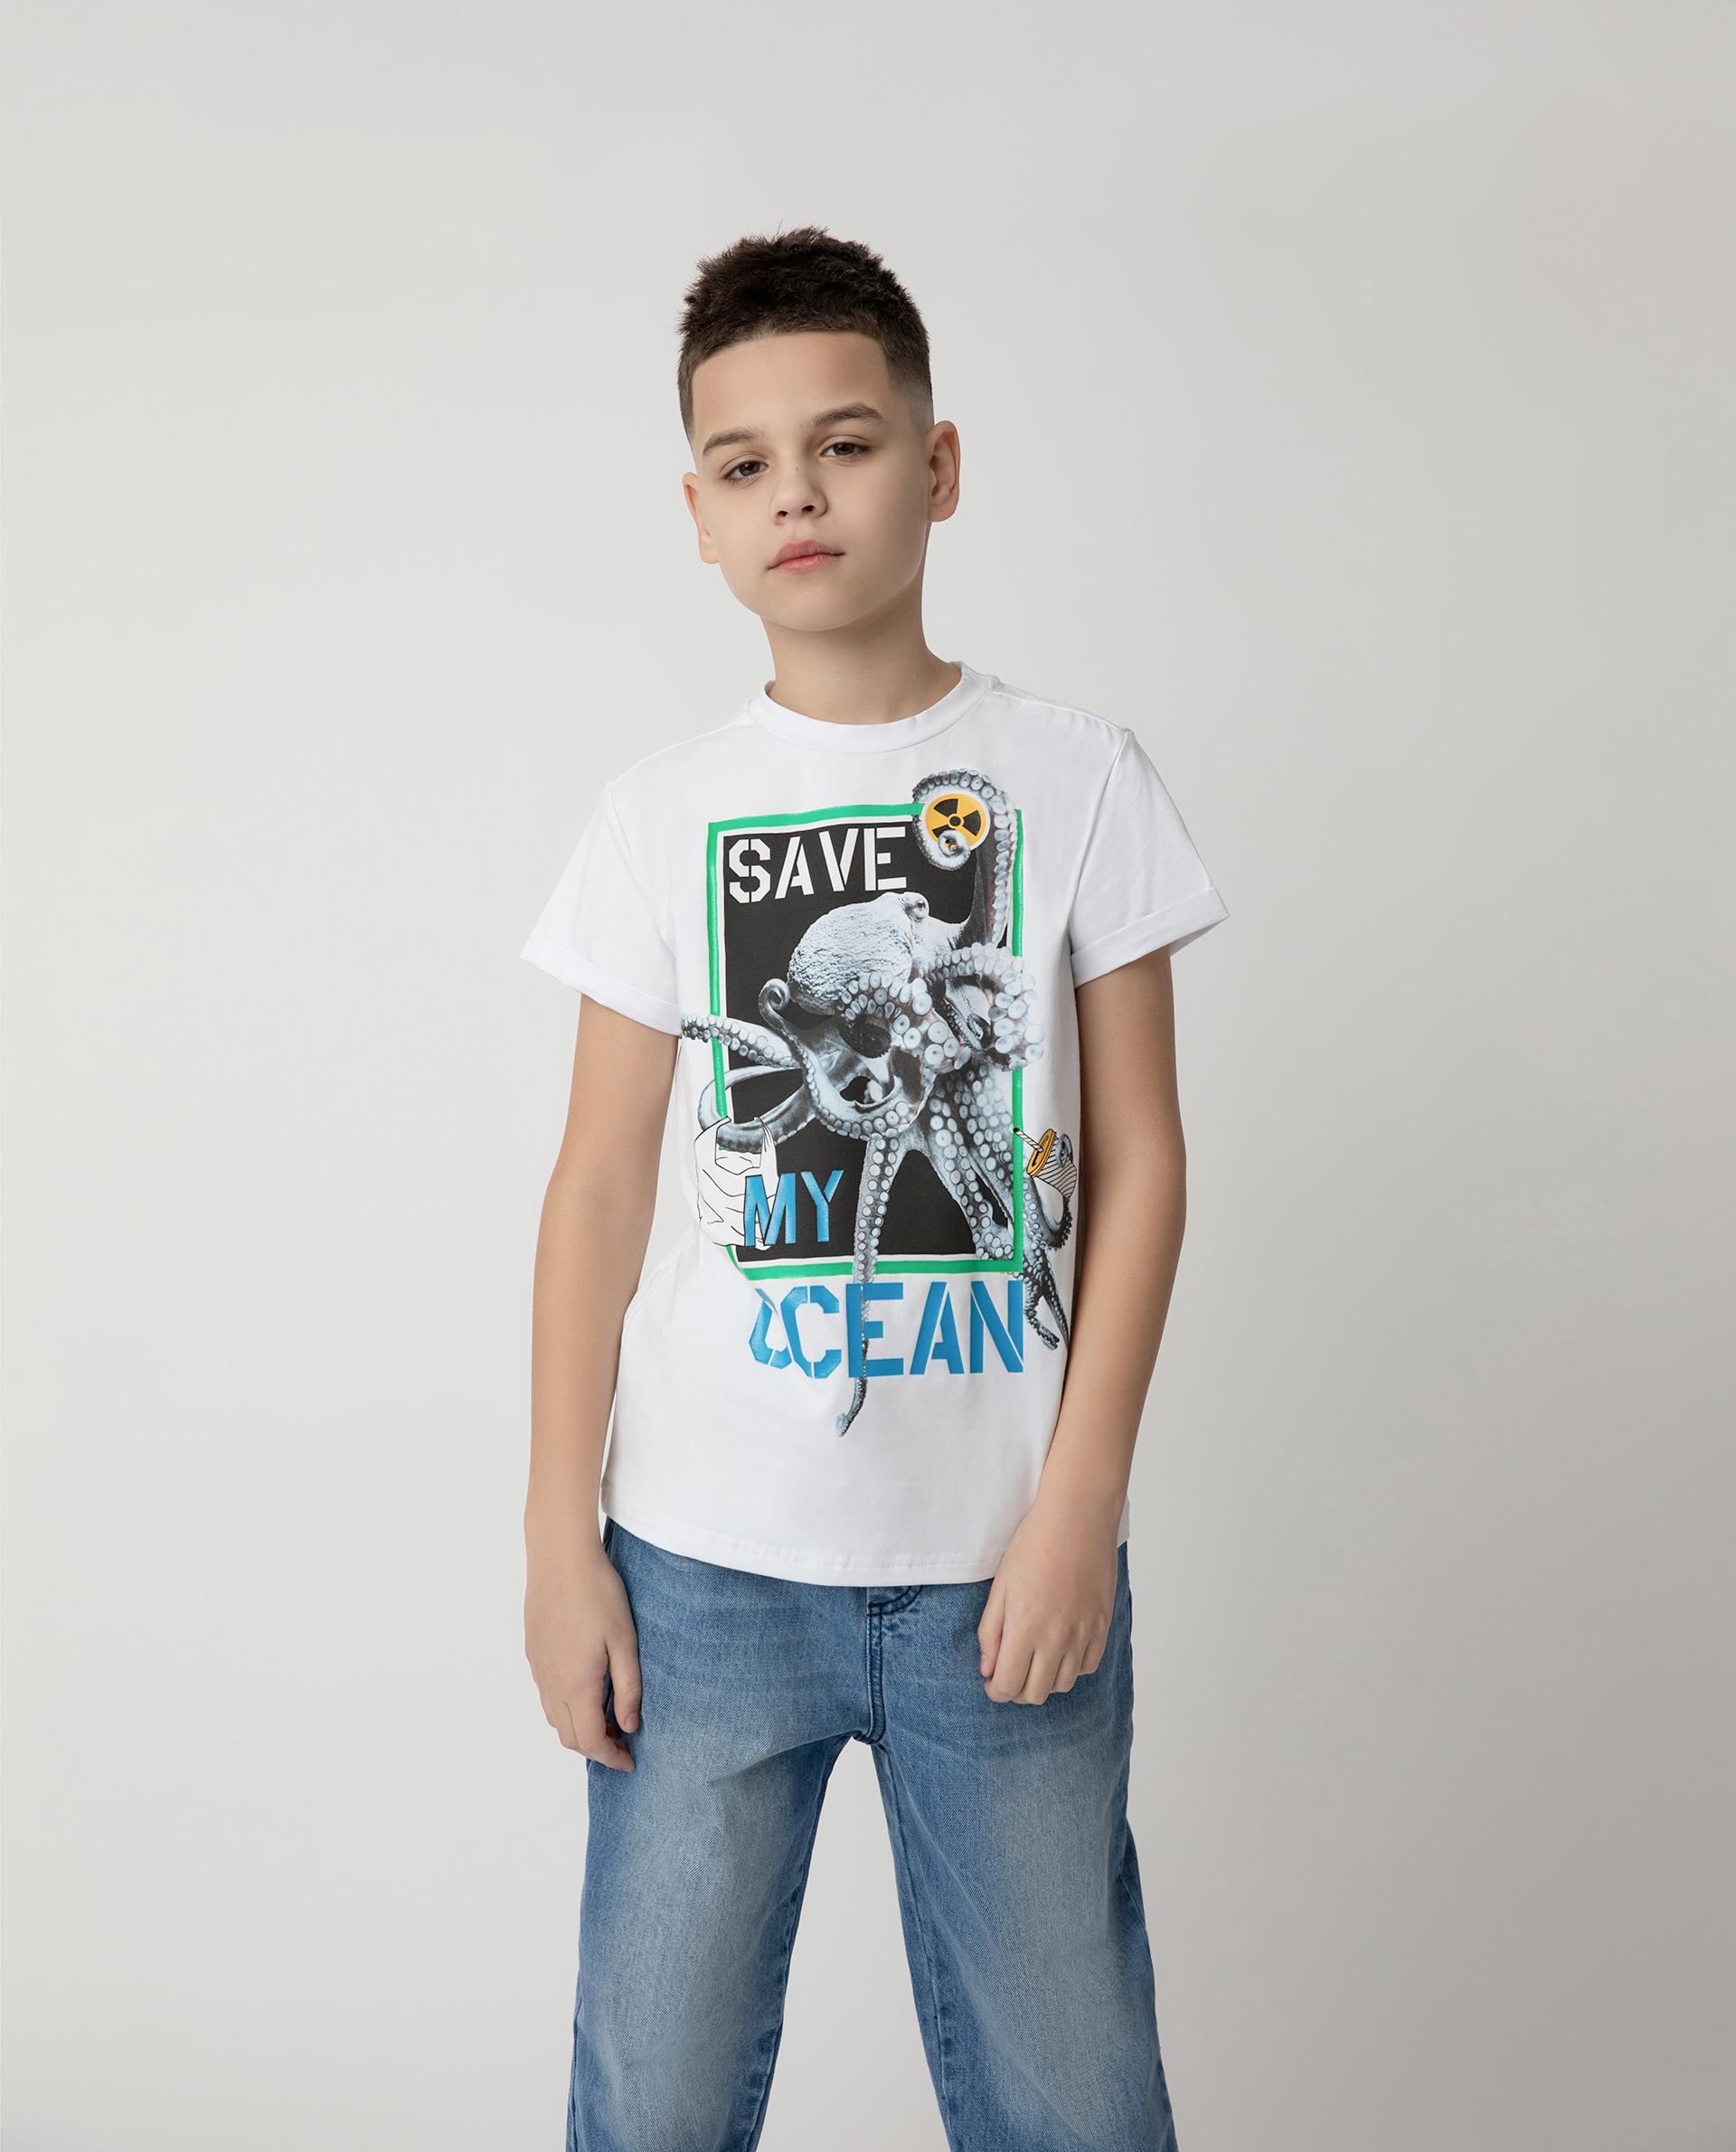 120FBJC1206, Футболка Save My Ocean для мальчика Gulliver, белый, 164, Мужской, ВЕСНА/ЛЕТО 2020  - купить со скидкой